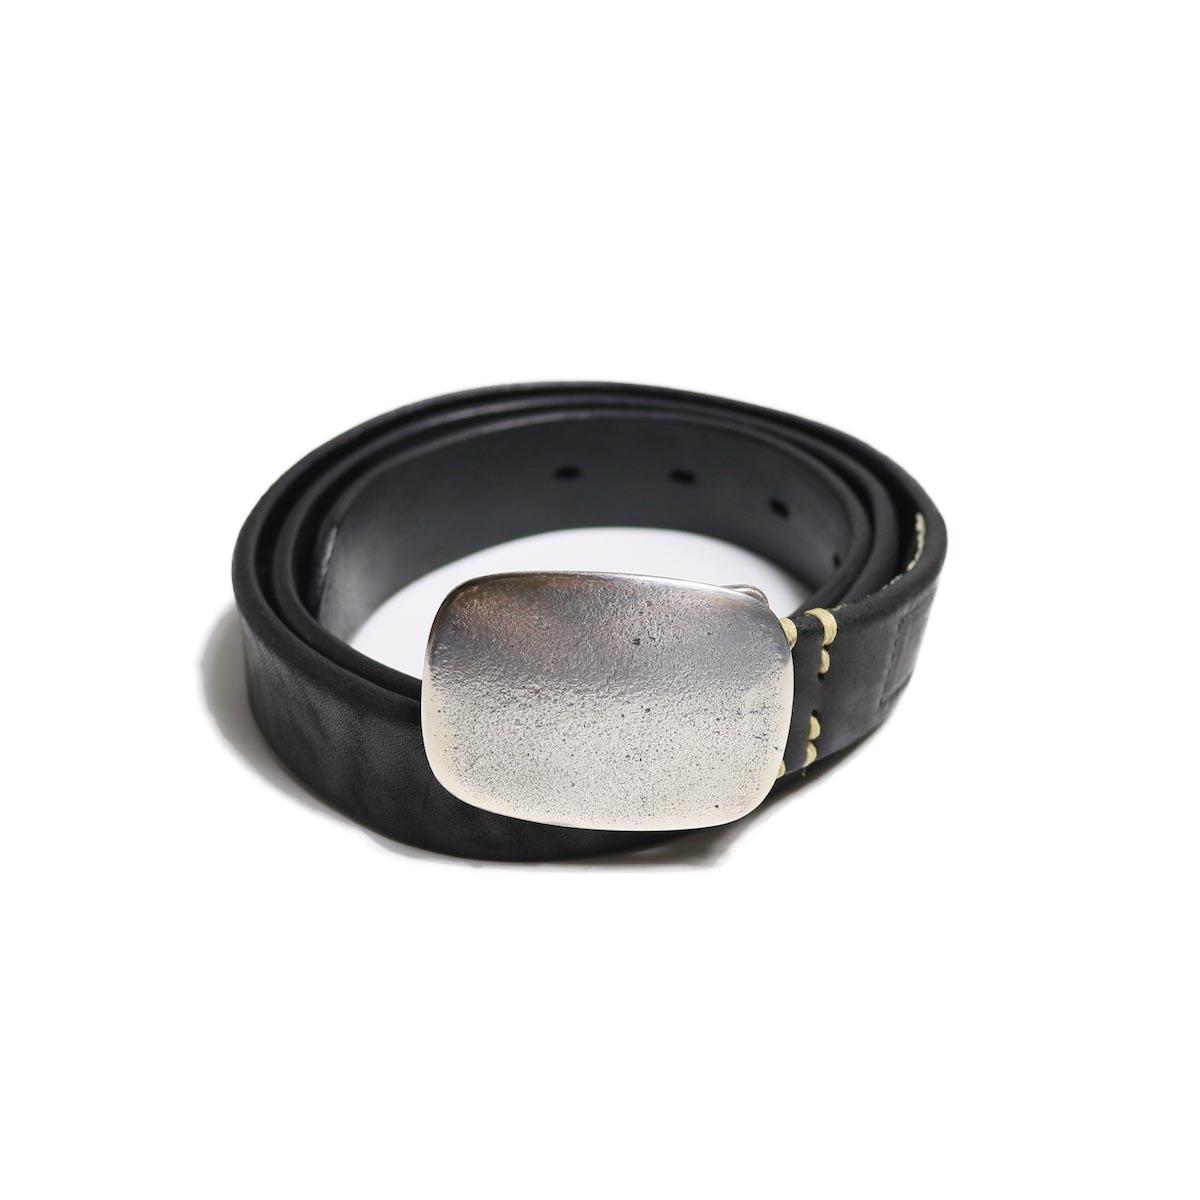 Vintage Works / DH5717 Leather Belt -FLANNEL